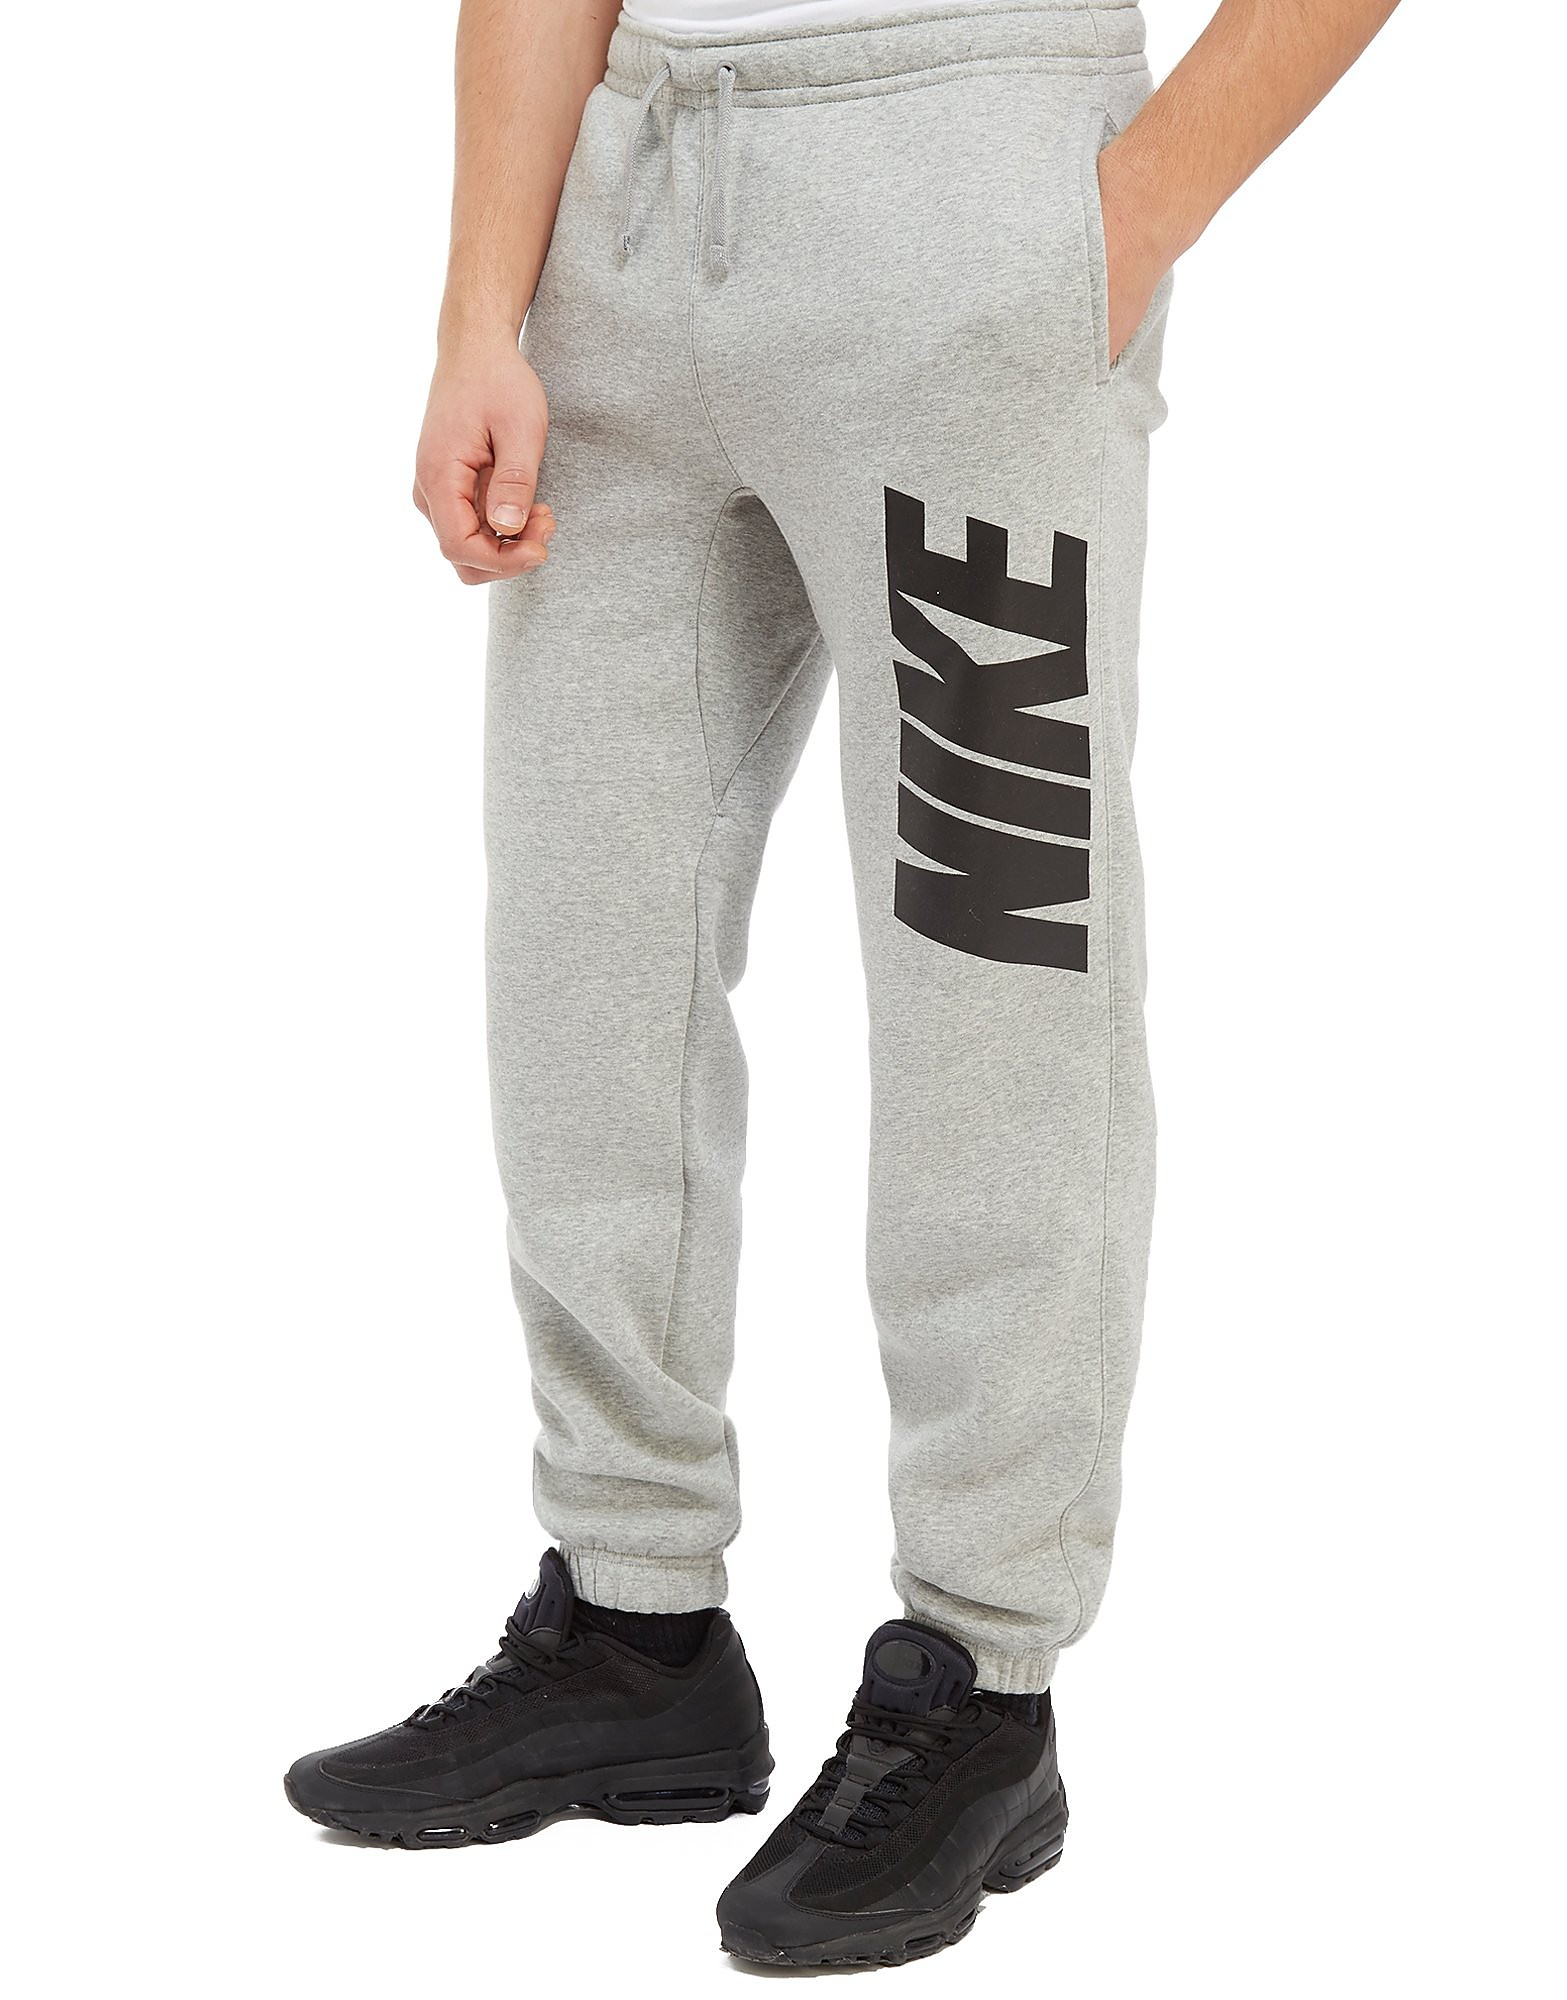 Nike Club Pants - gris/noir, gris/noir